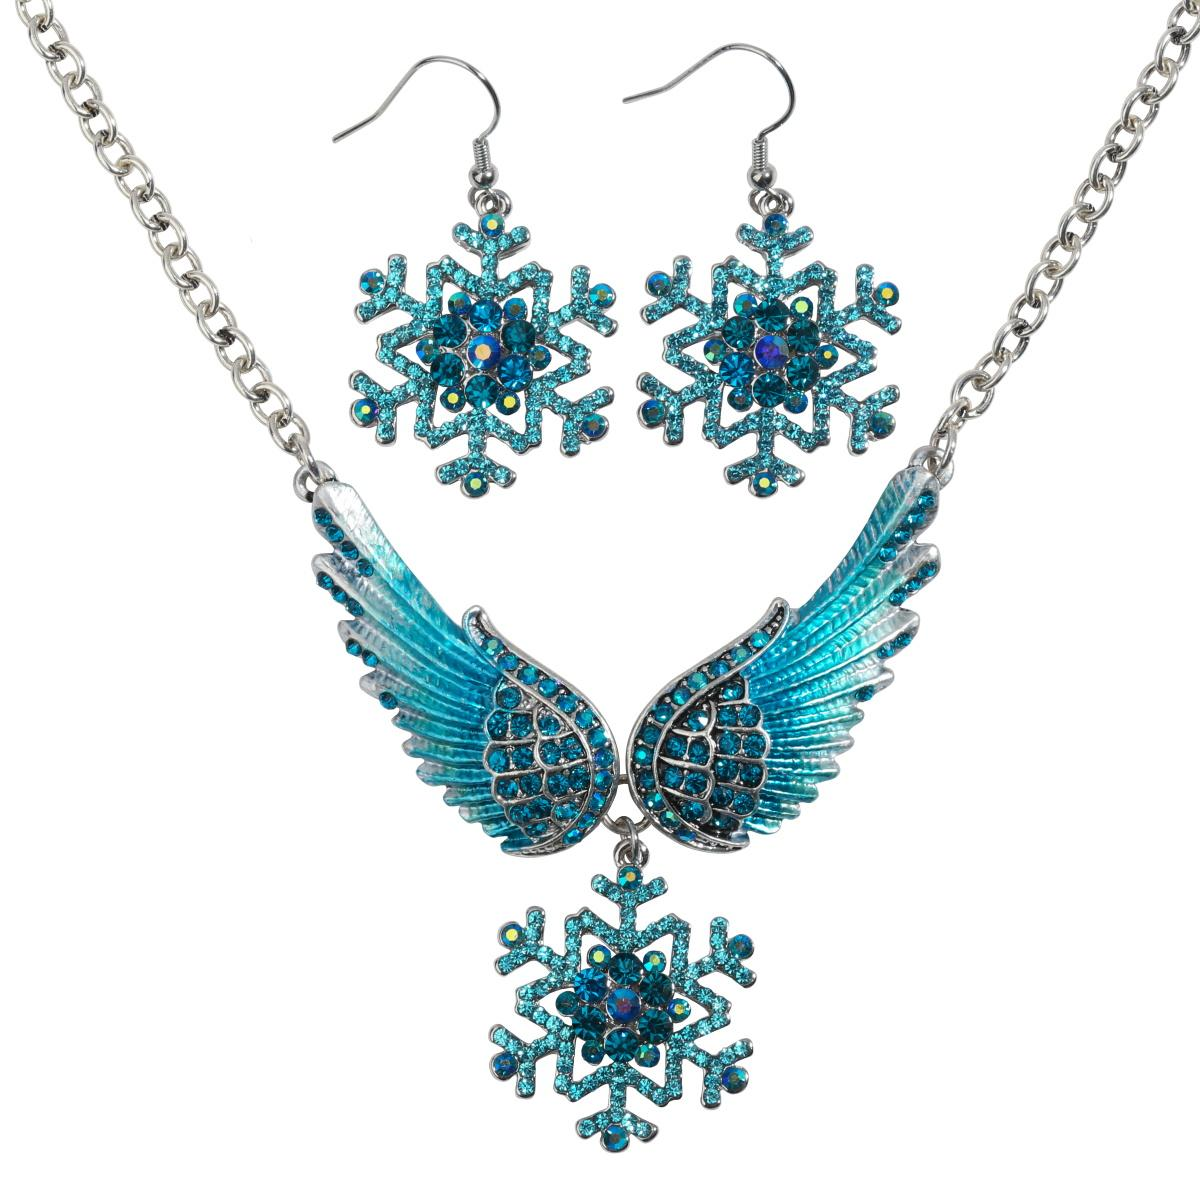 Flocon de neige aile collier boucles d'oreilles ensembles bleu blanc Noël vacances ornements cadeaux pour les femmes filles cristal bijoux de mode